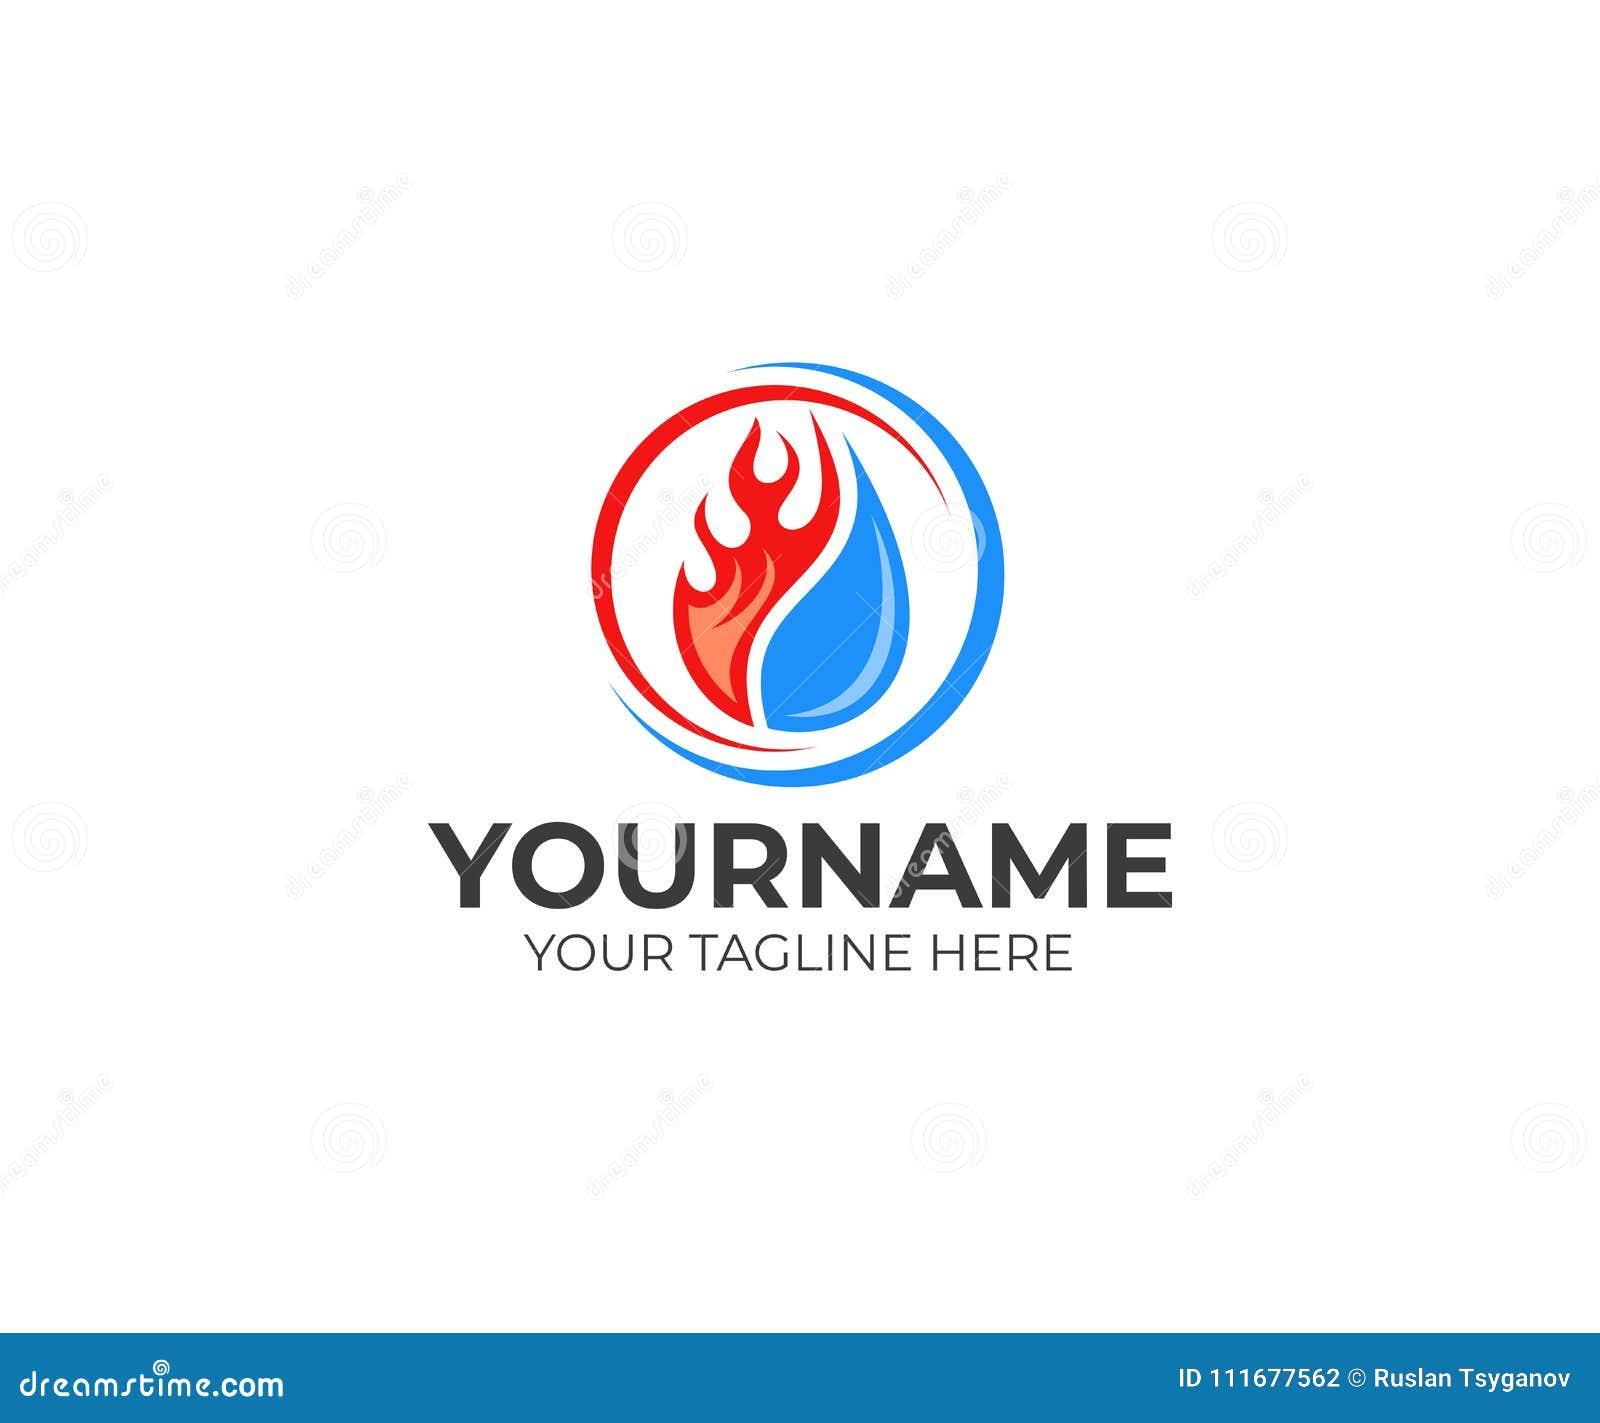 La llama y el descenso riegan, refrescando y calentando la plantilla del logotipo Vector de la fontanería, de la calefacción, del